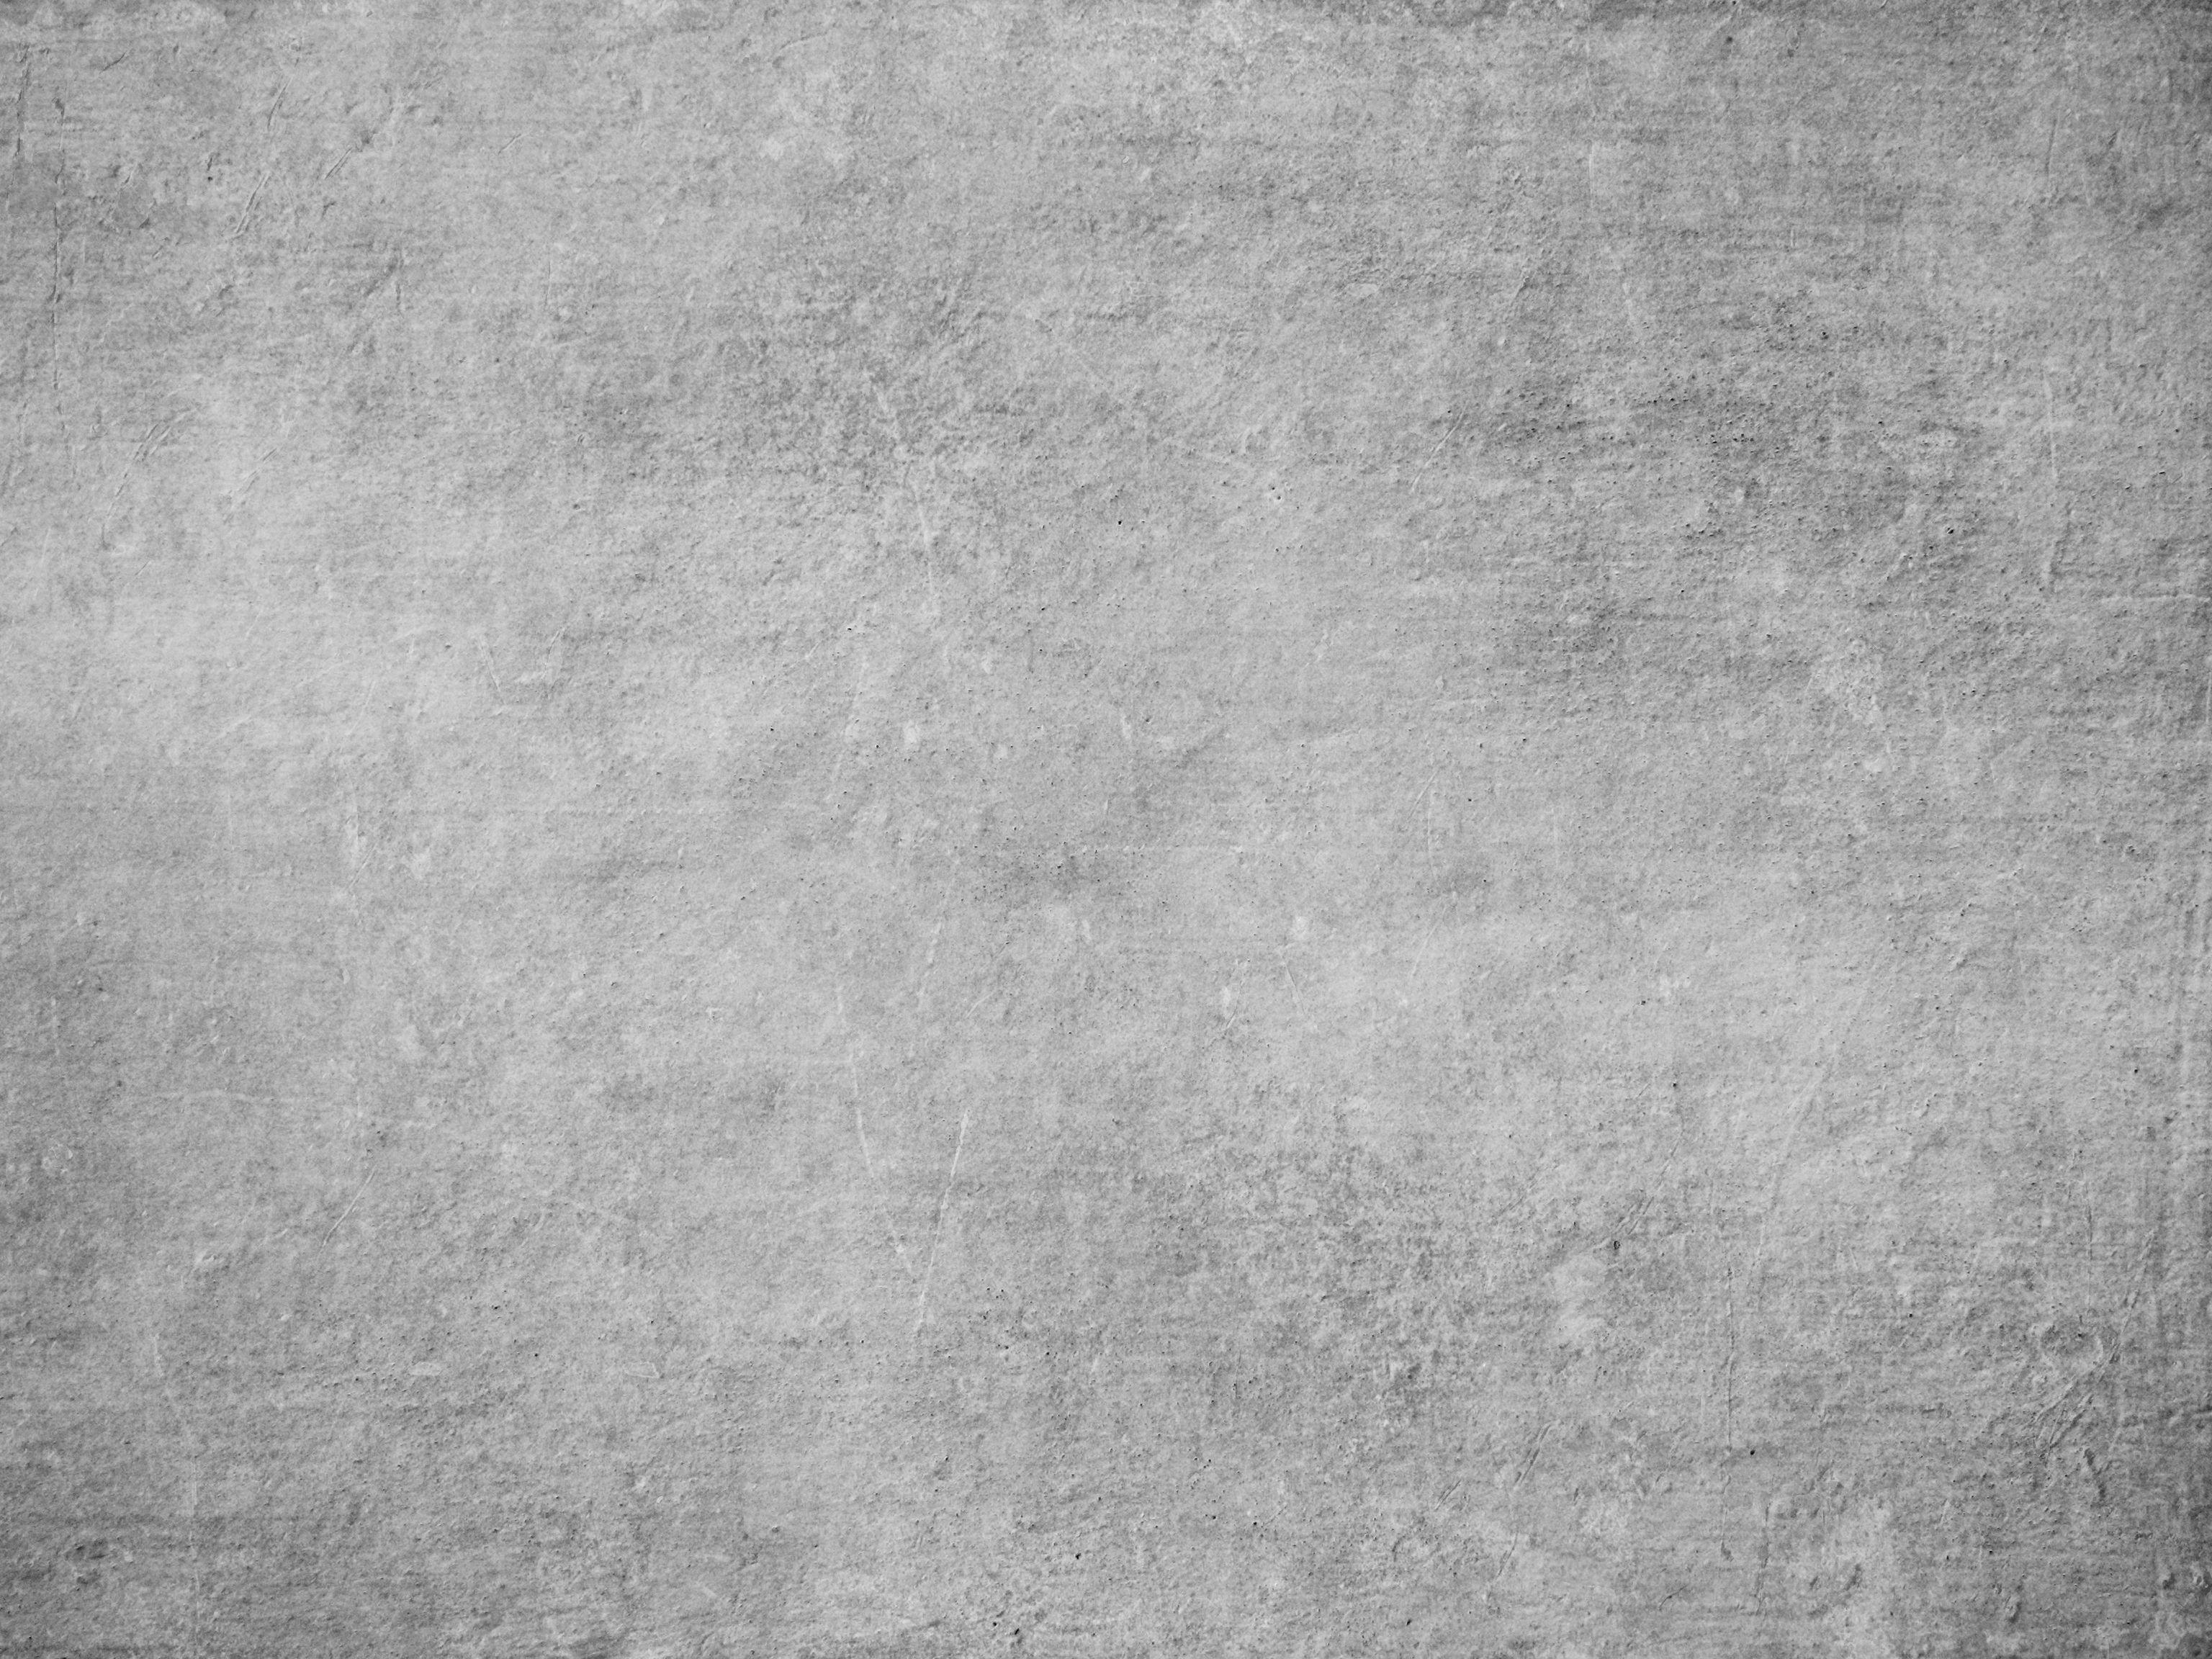 Concrete Wall Texture | concrete | Pinterest | Concrete walls ...